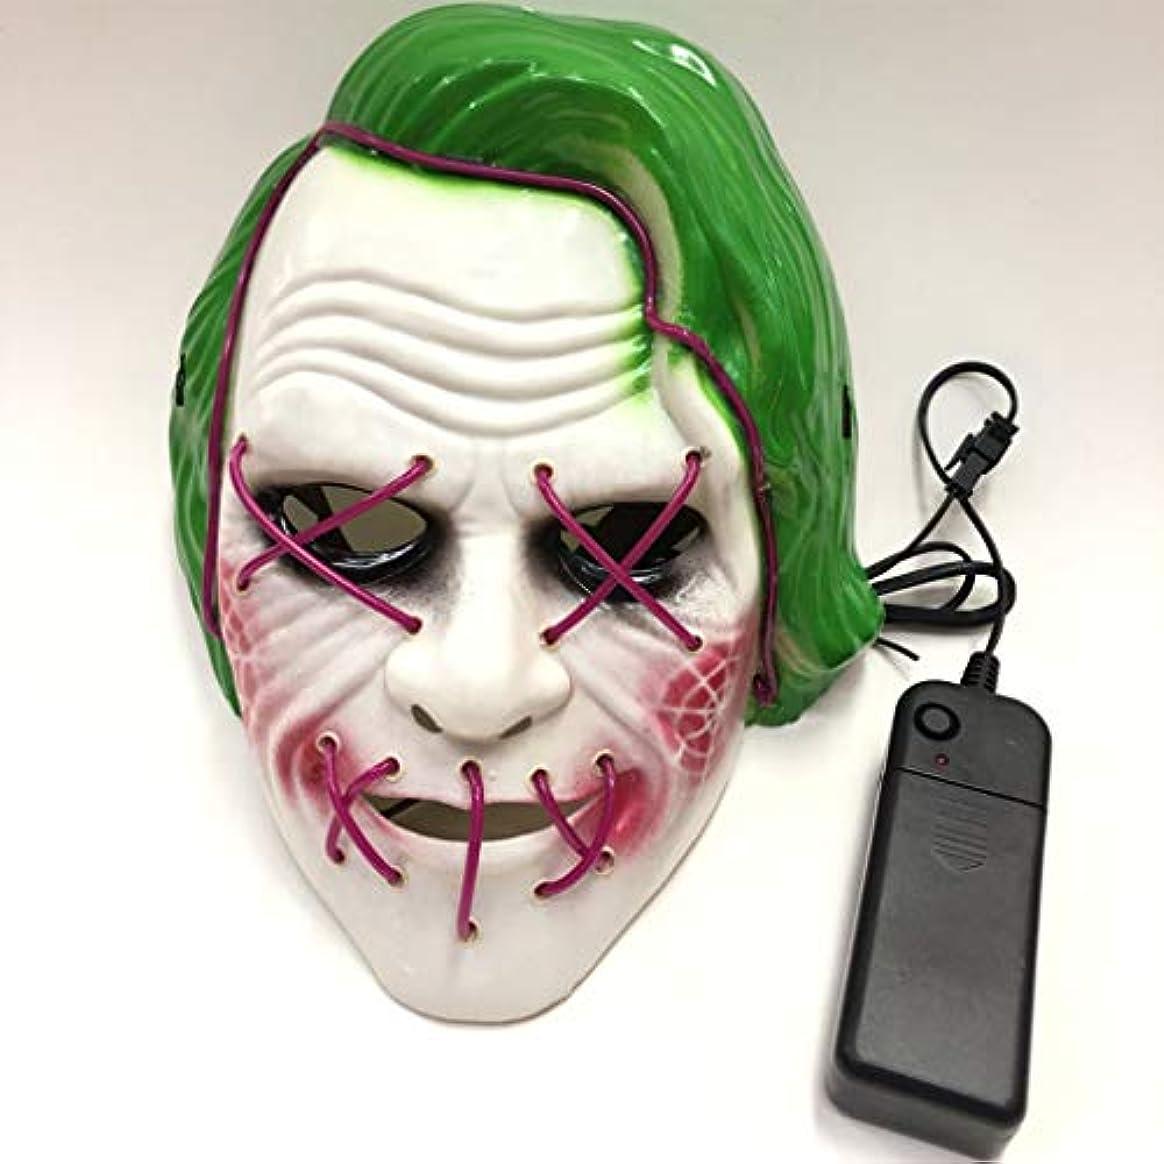 代替案スチールソケットLEDハロウィーンマスクライトアップマスクグローイングマスク、ハロウィーンコスプレ、ブルー